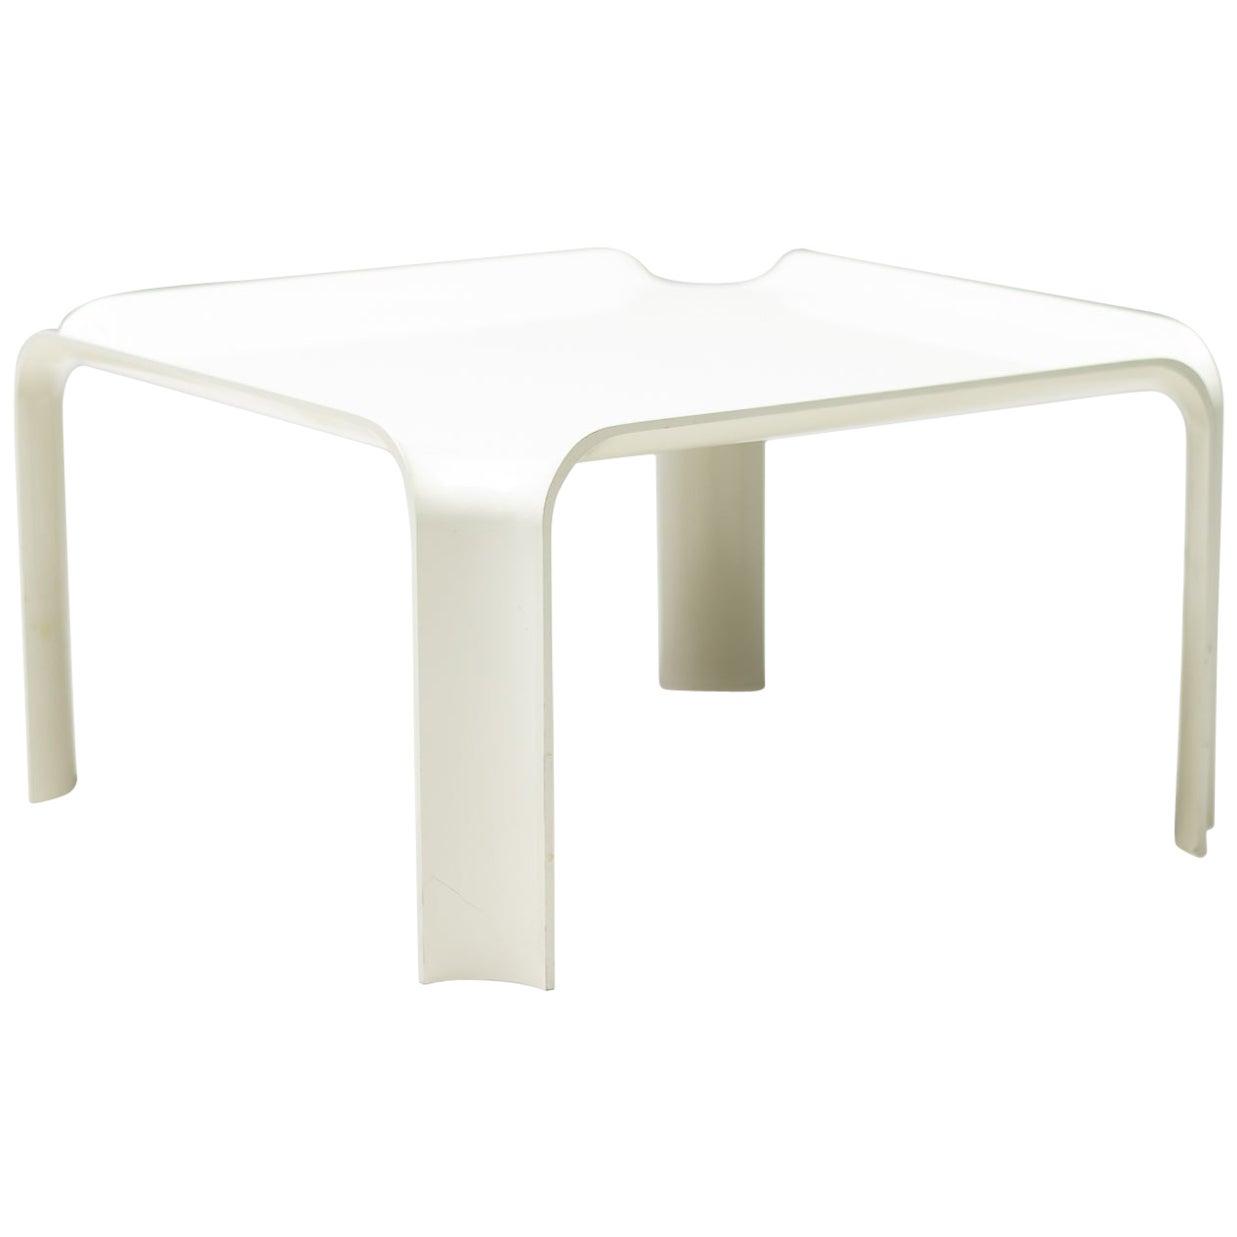 Pierre Paulin Side Table 877